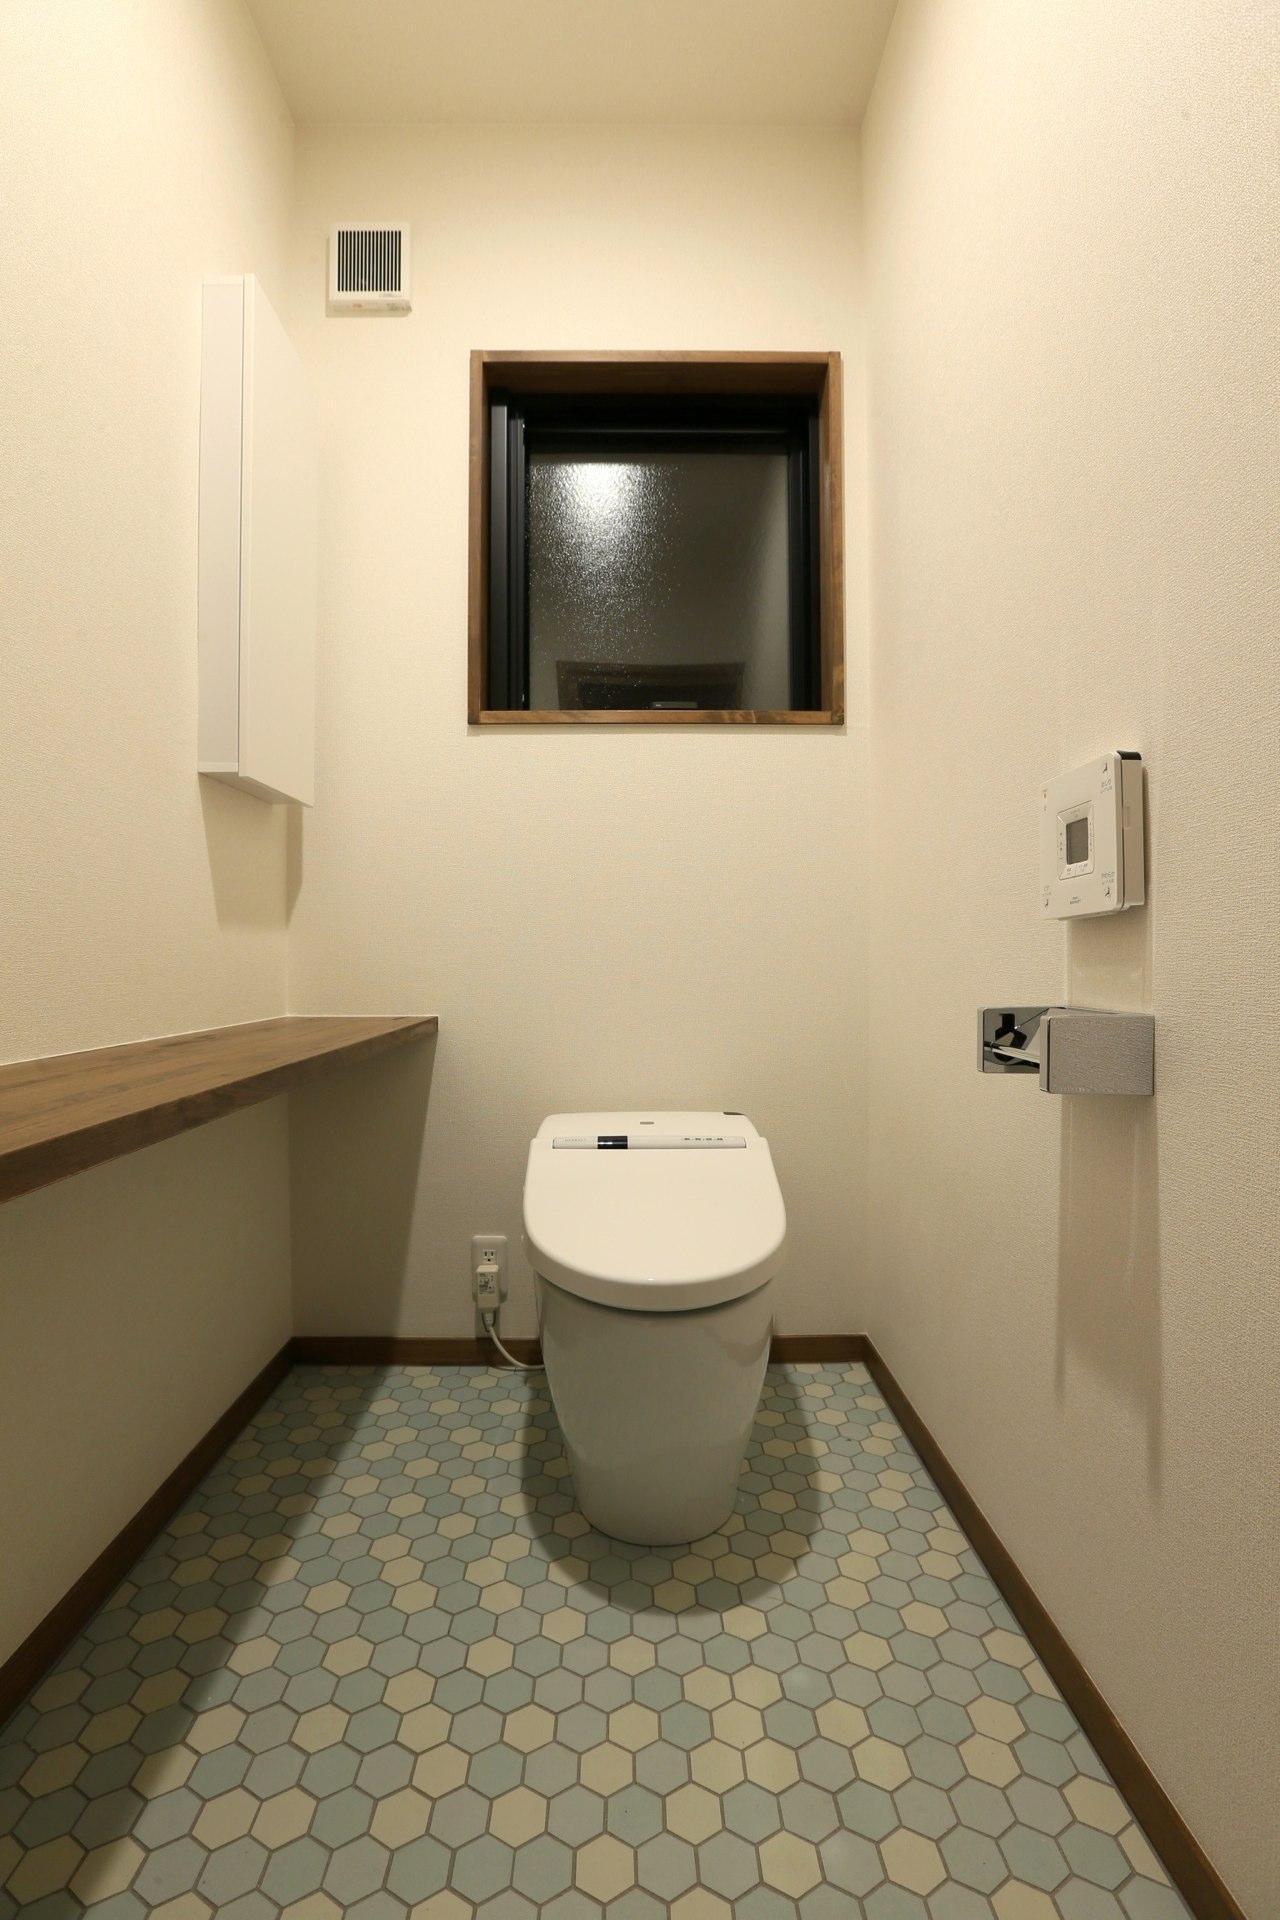 K's residenceの部屋 ヘキサタイル床のトイレ